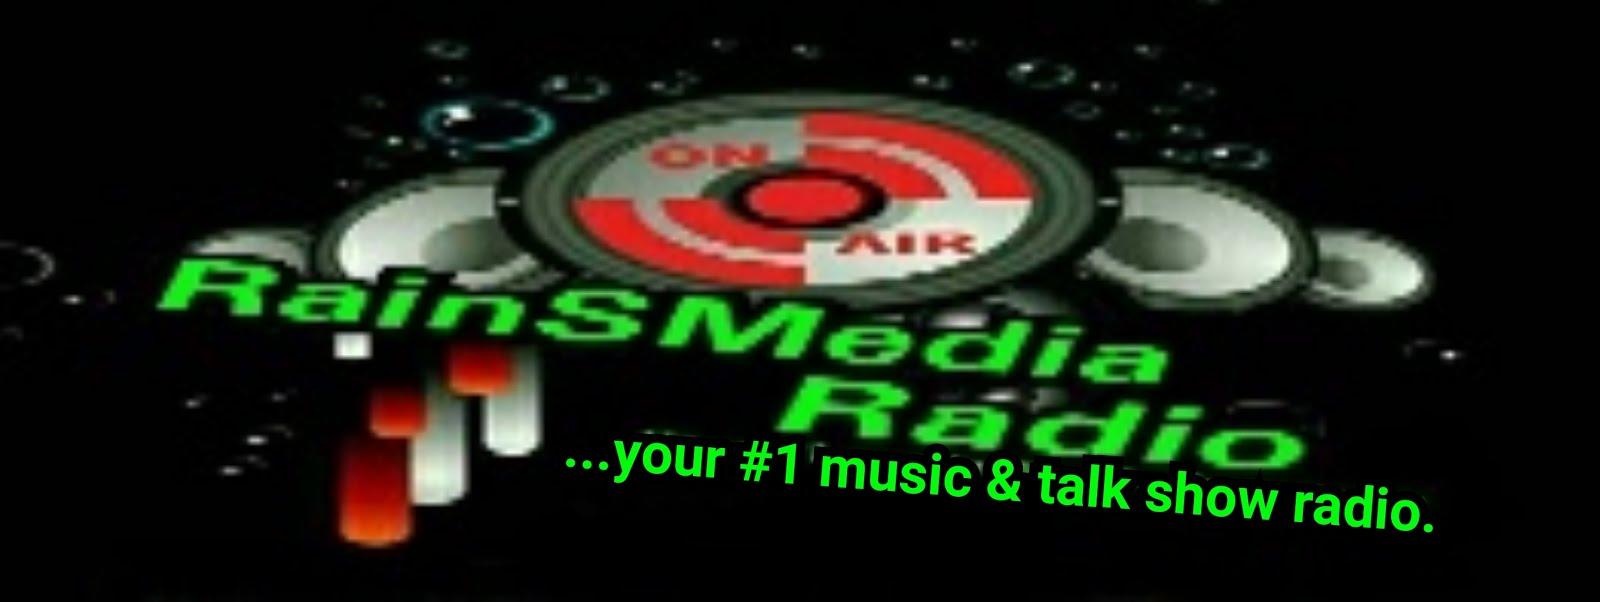 RainSMediaRadio